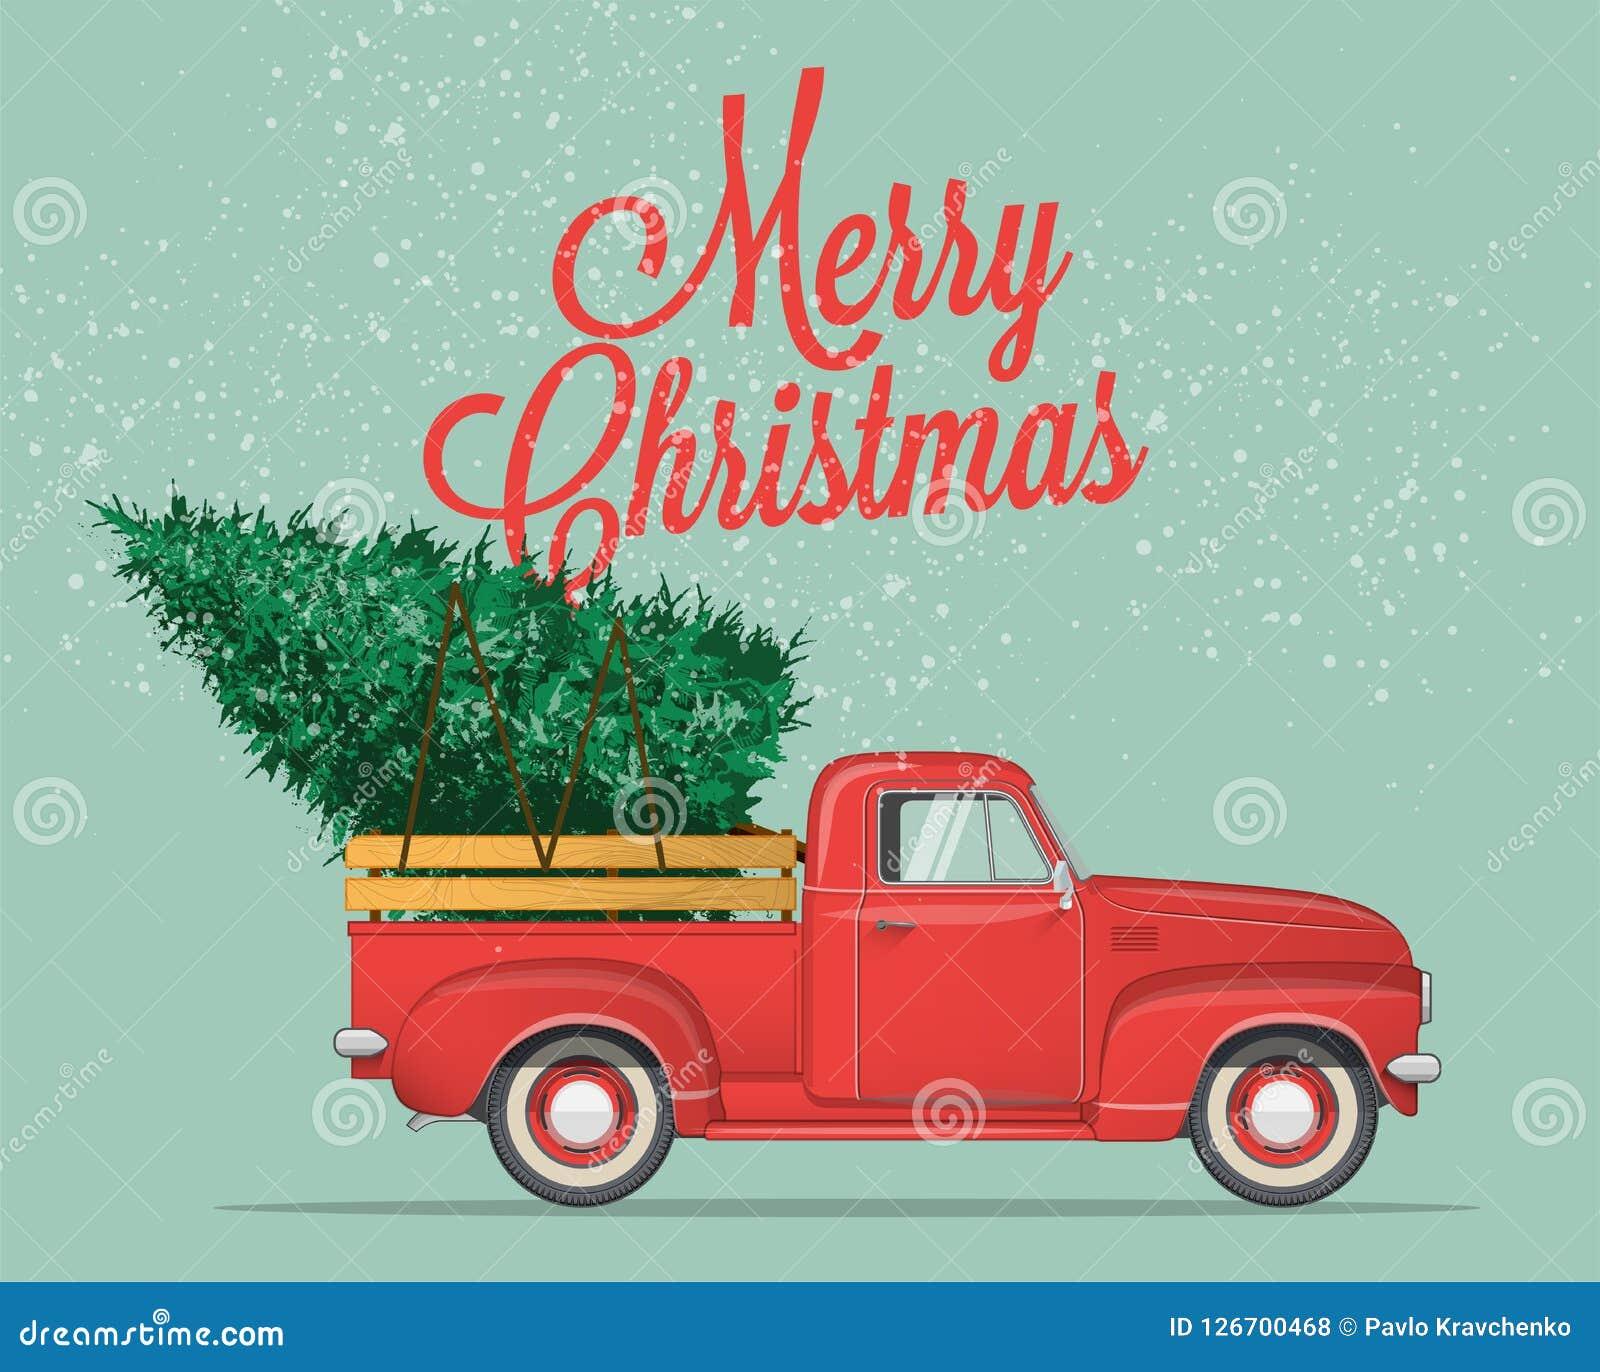 Шаблон веселого рождества и С Новым Годом! открытки или плаката или летчика Год сбора винограда ввел иллюстрацию в моду вектора